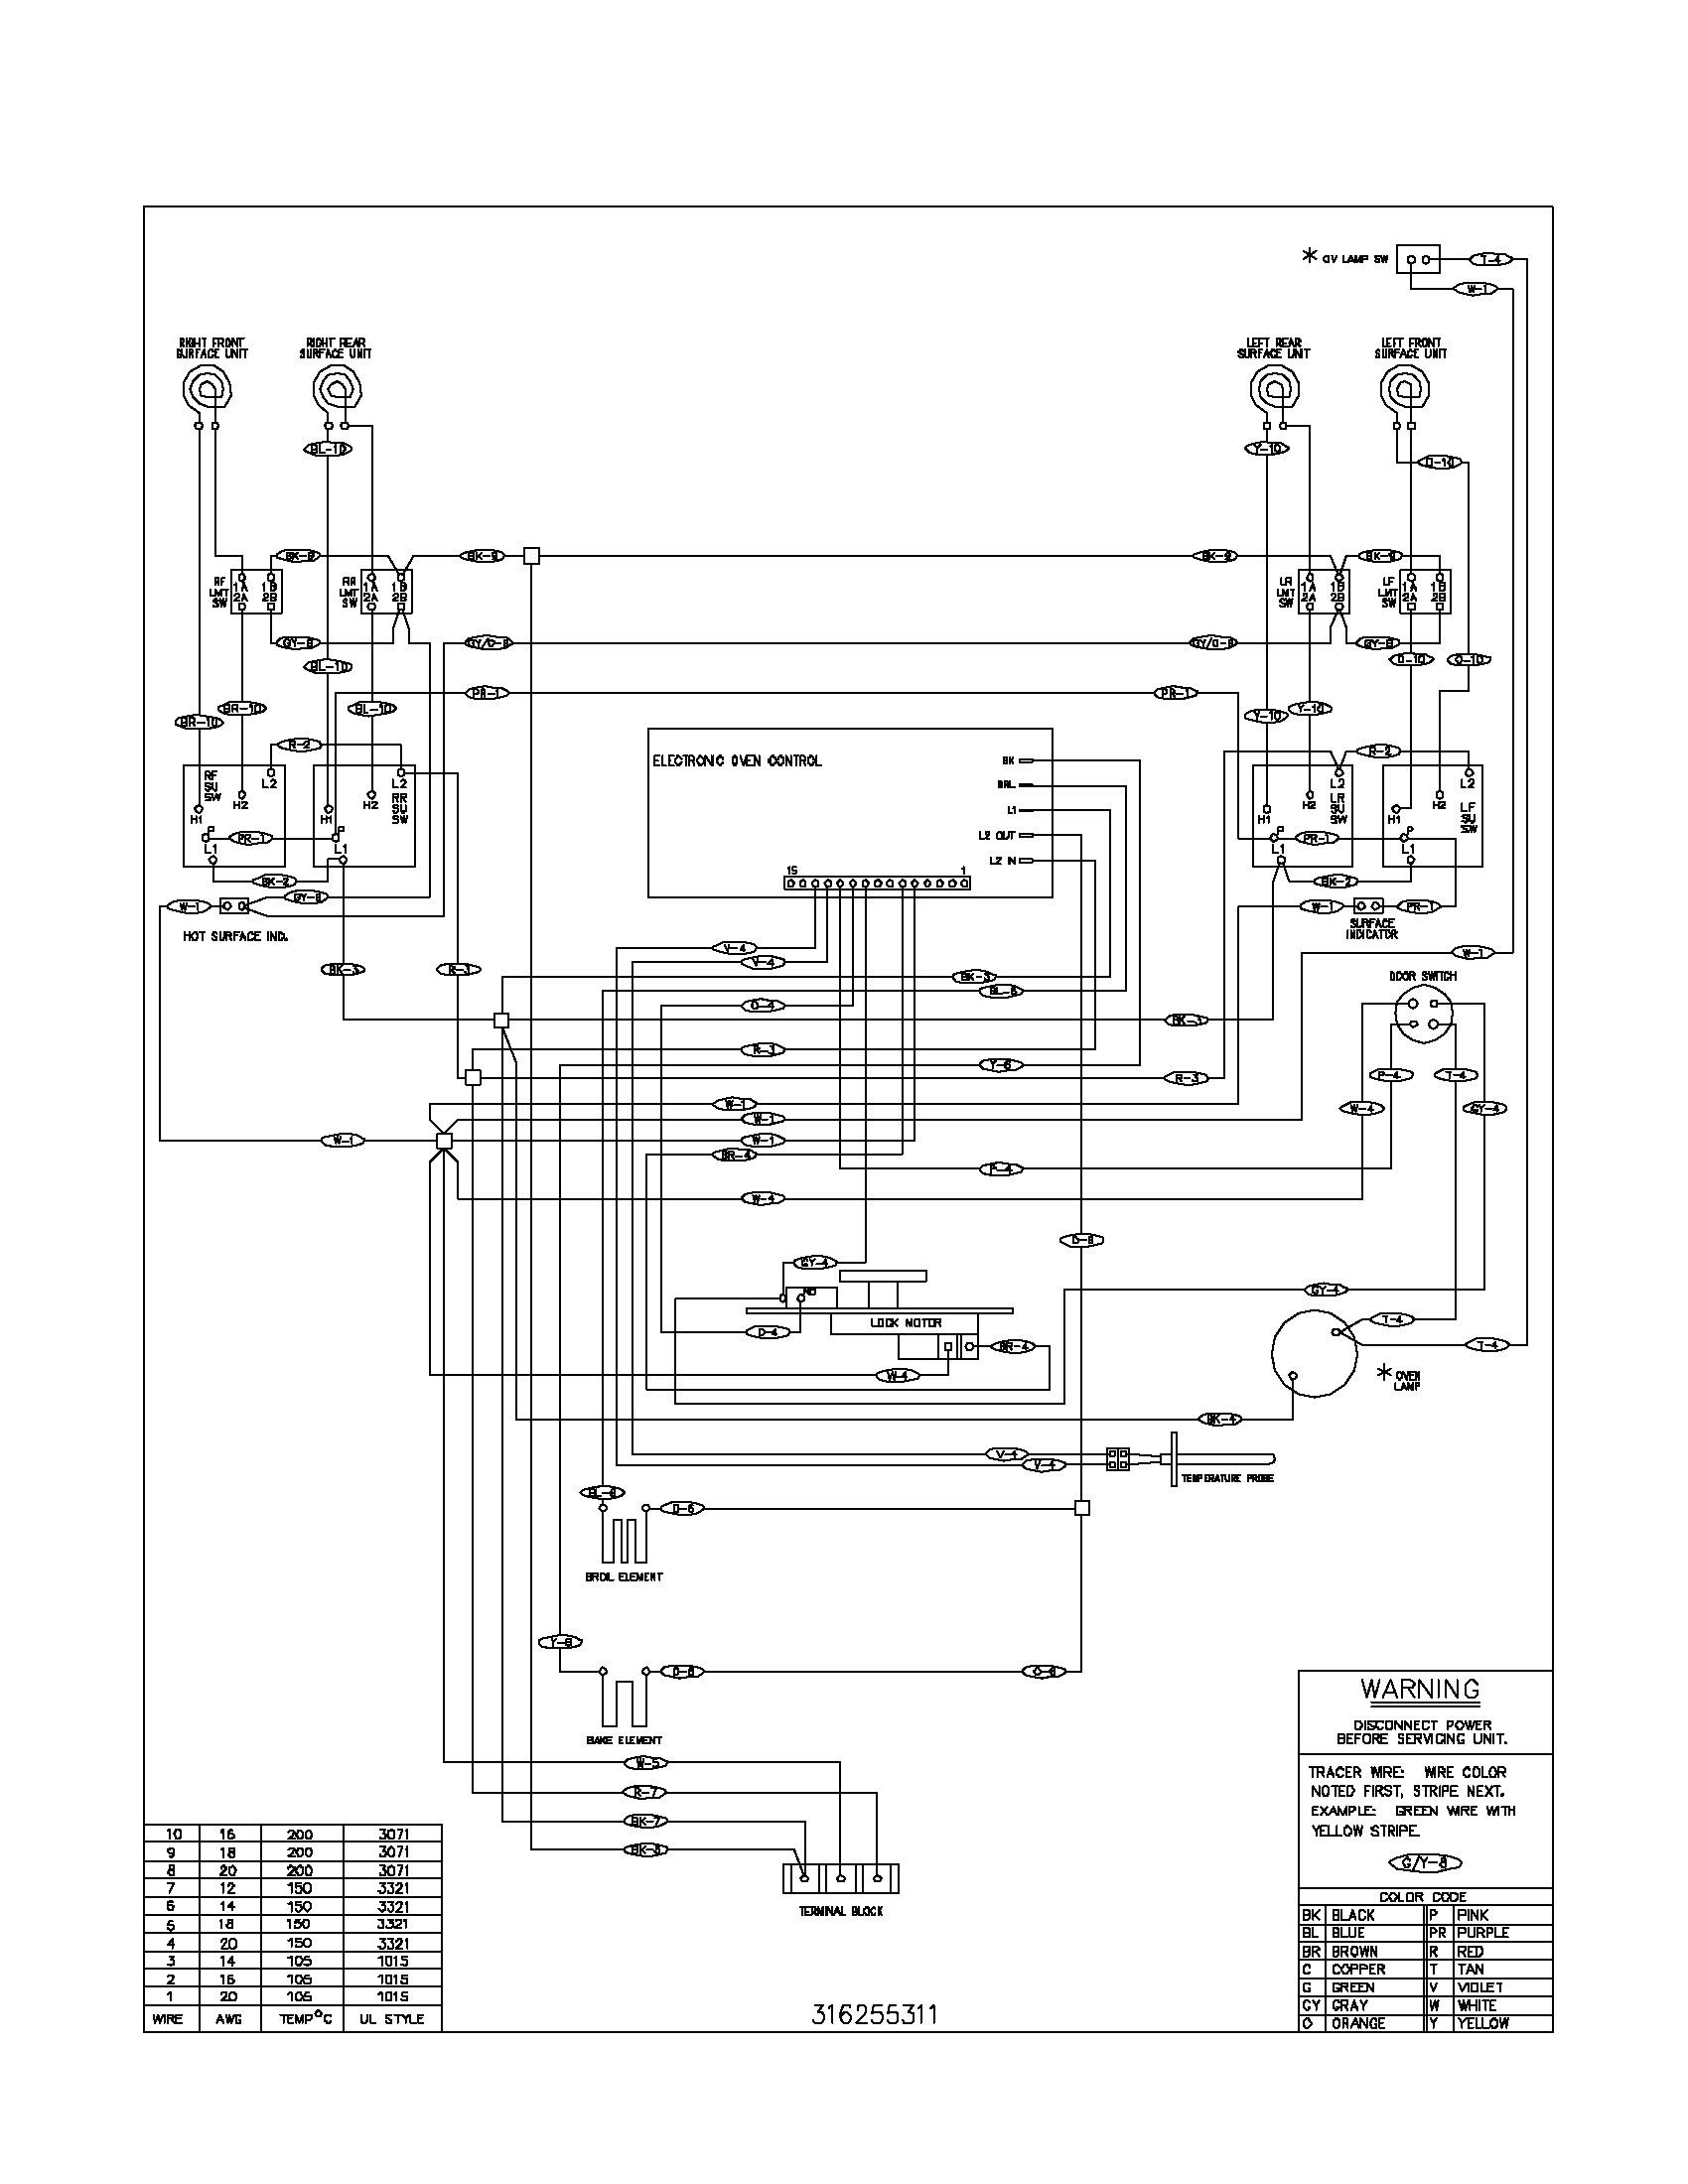 Jza80 Wiring Diagram Ge Profile Wiring Diagram Wiring Diagram Database